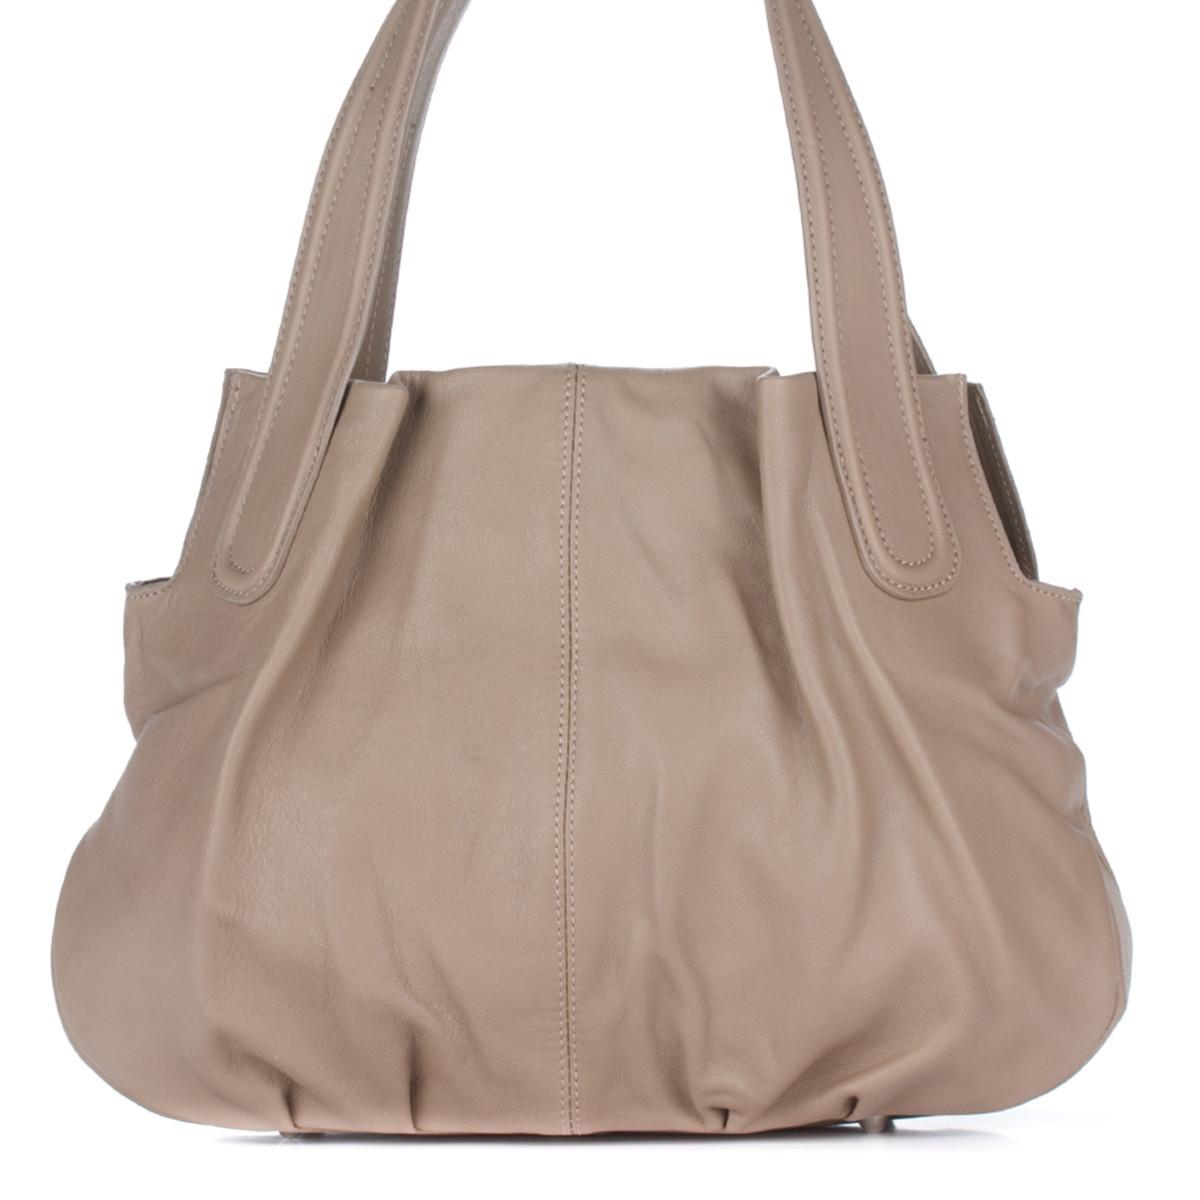 Женская кожаная сумка 8216 бежевого цвета Италия